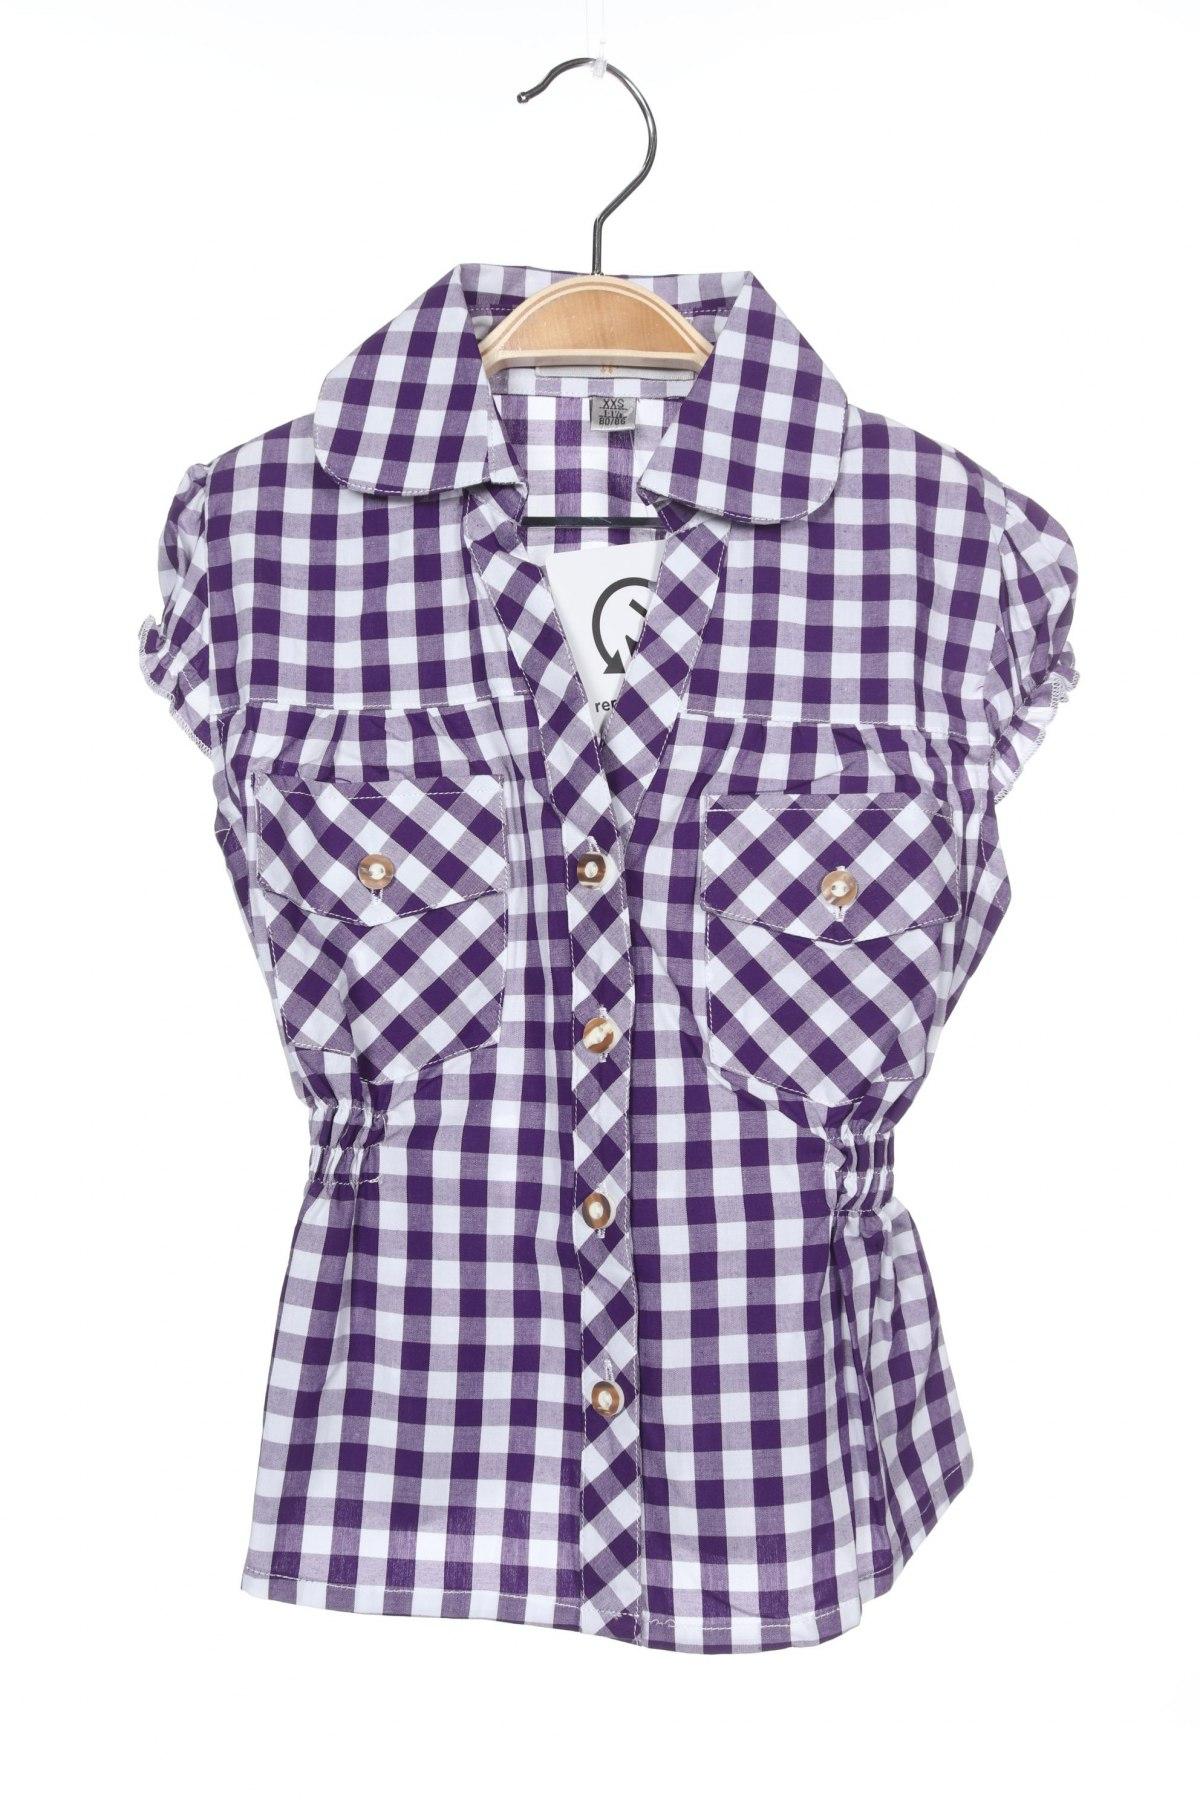 Παιδικό πουκάμισο Almsach, Μέγεθος 12-18m/ 80-86 εκ., Χρώμα Βιολετί, Βαμβάκι, Τιμή 5,26€